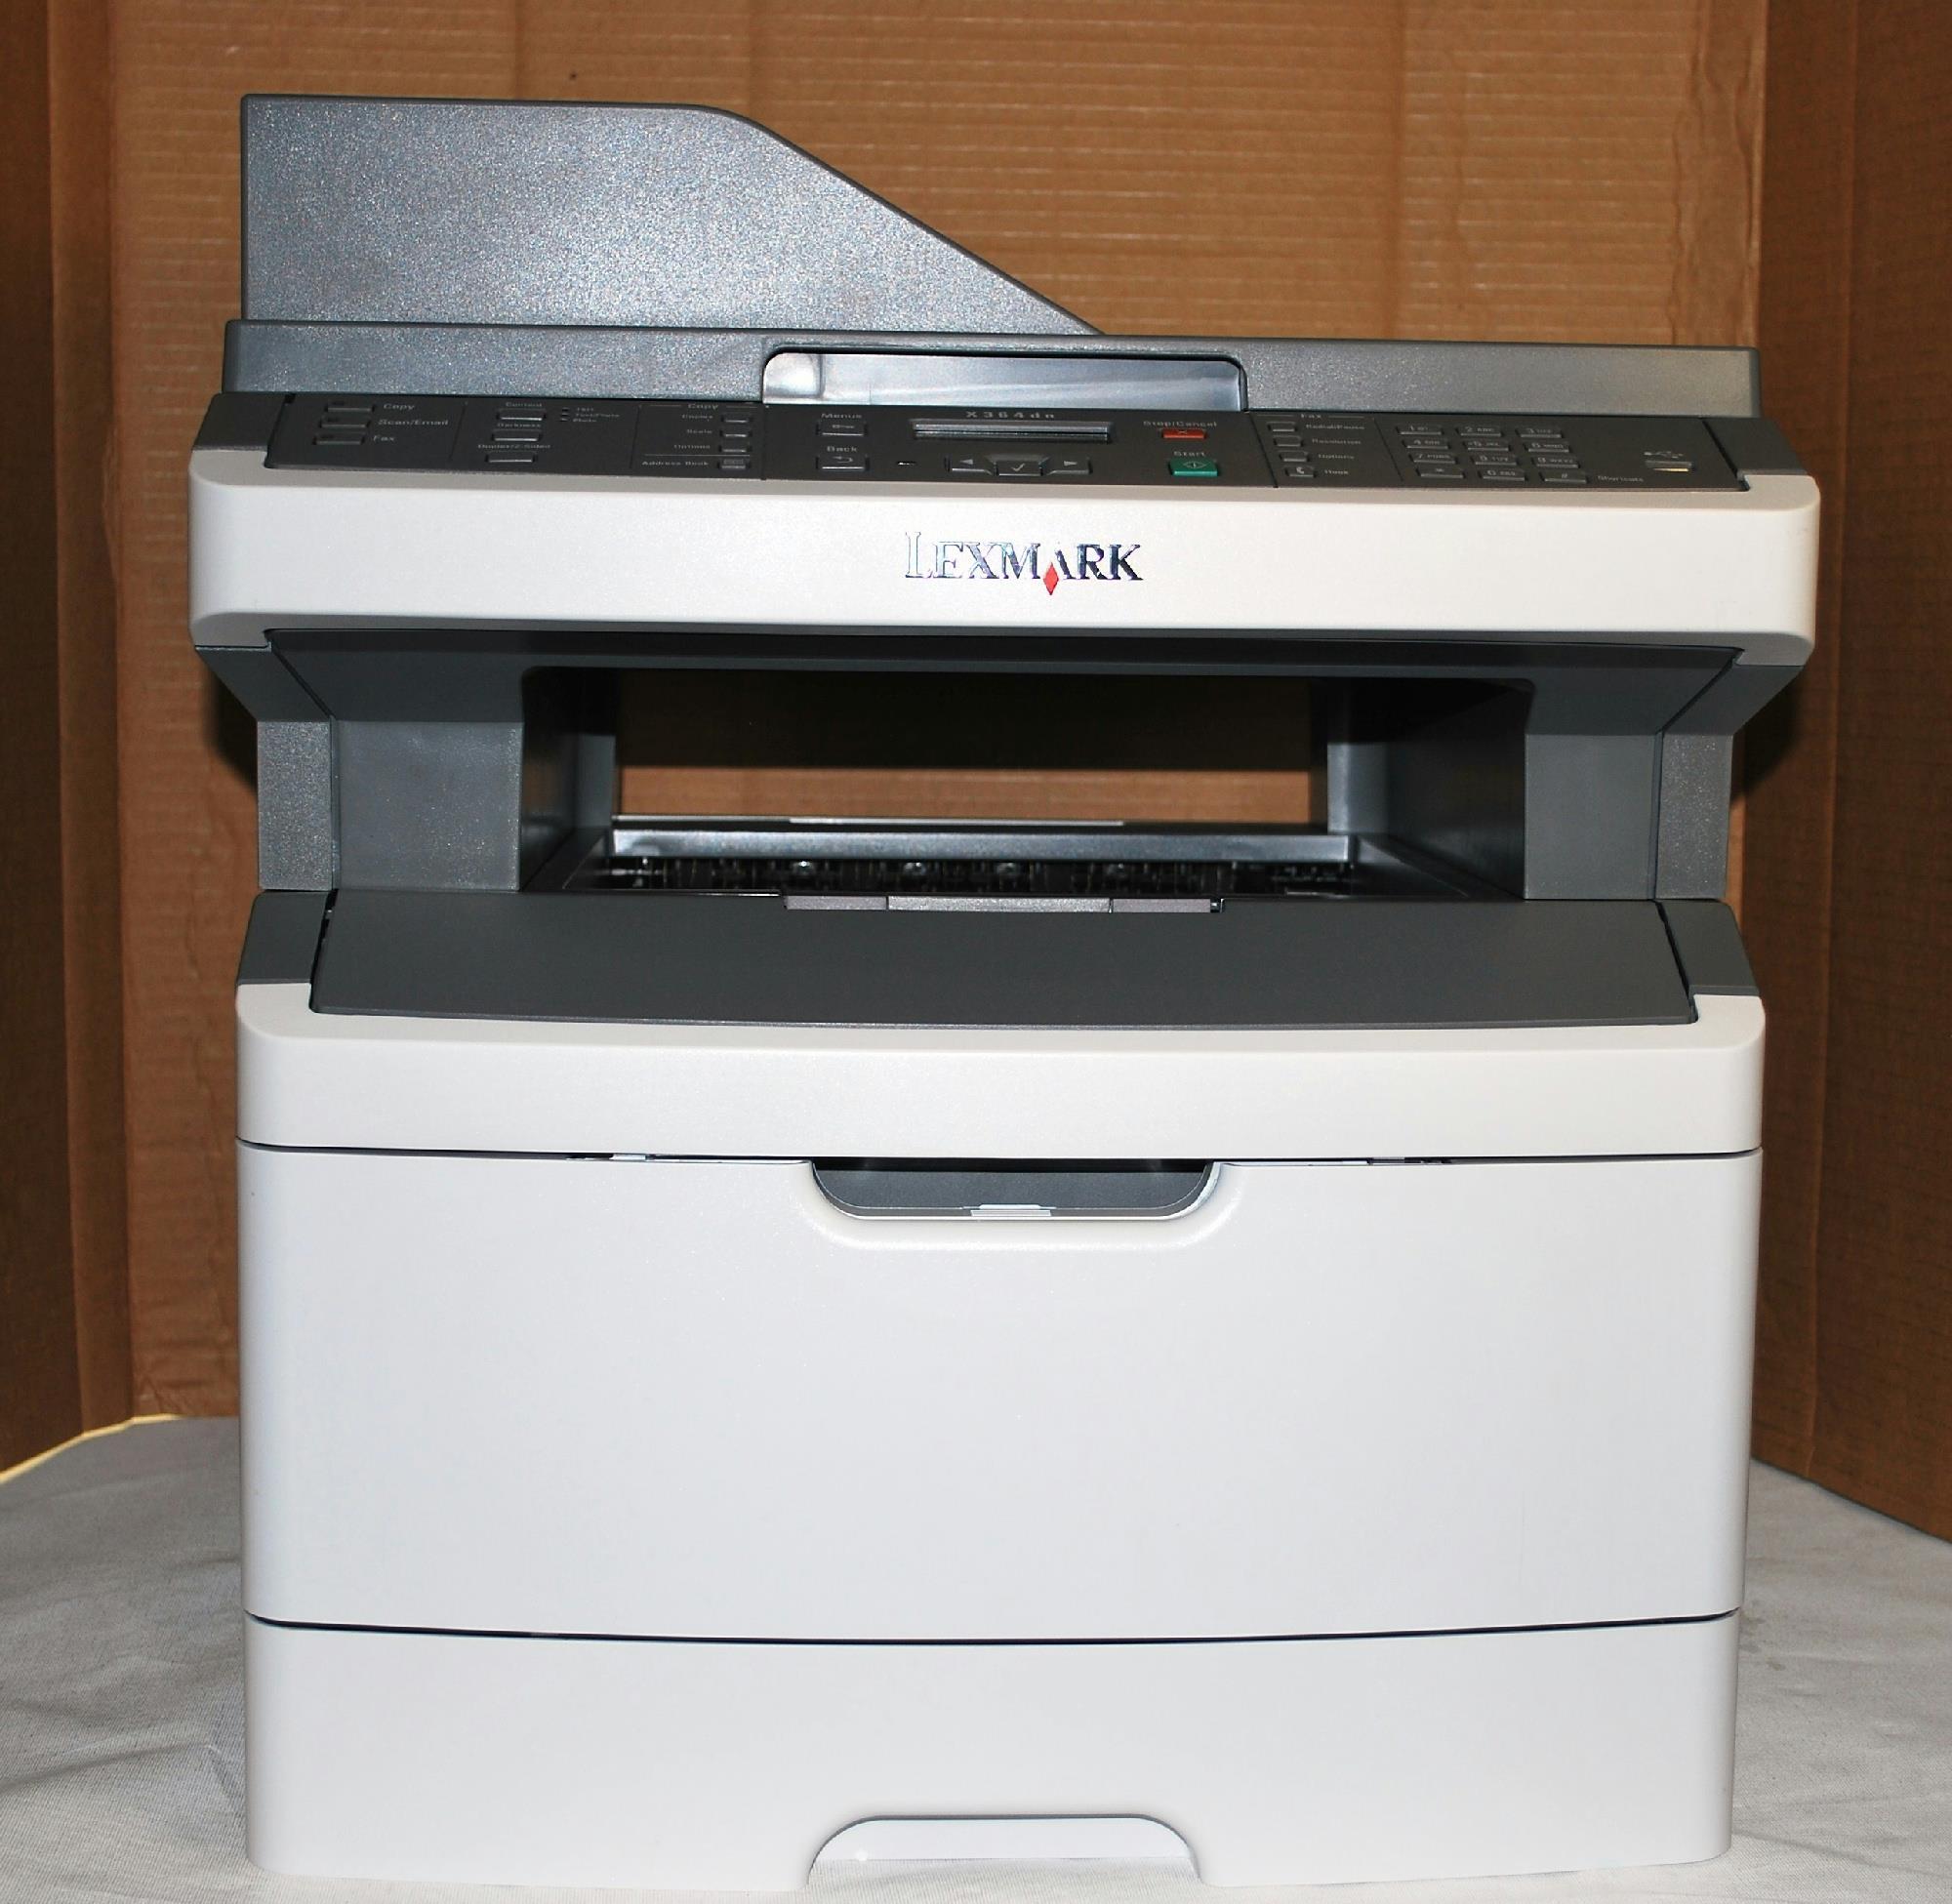 How to Fix Lexmark Printer Firmware Error 900 |authorSTREAM